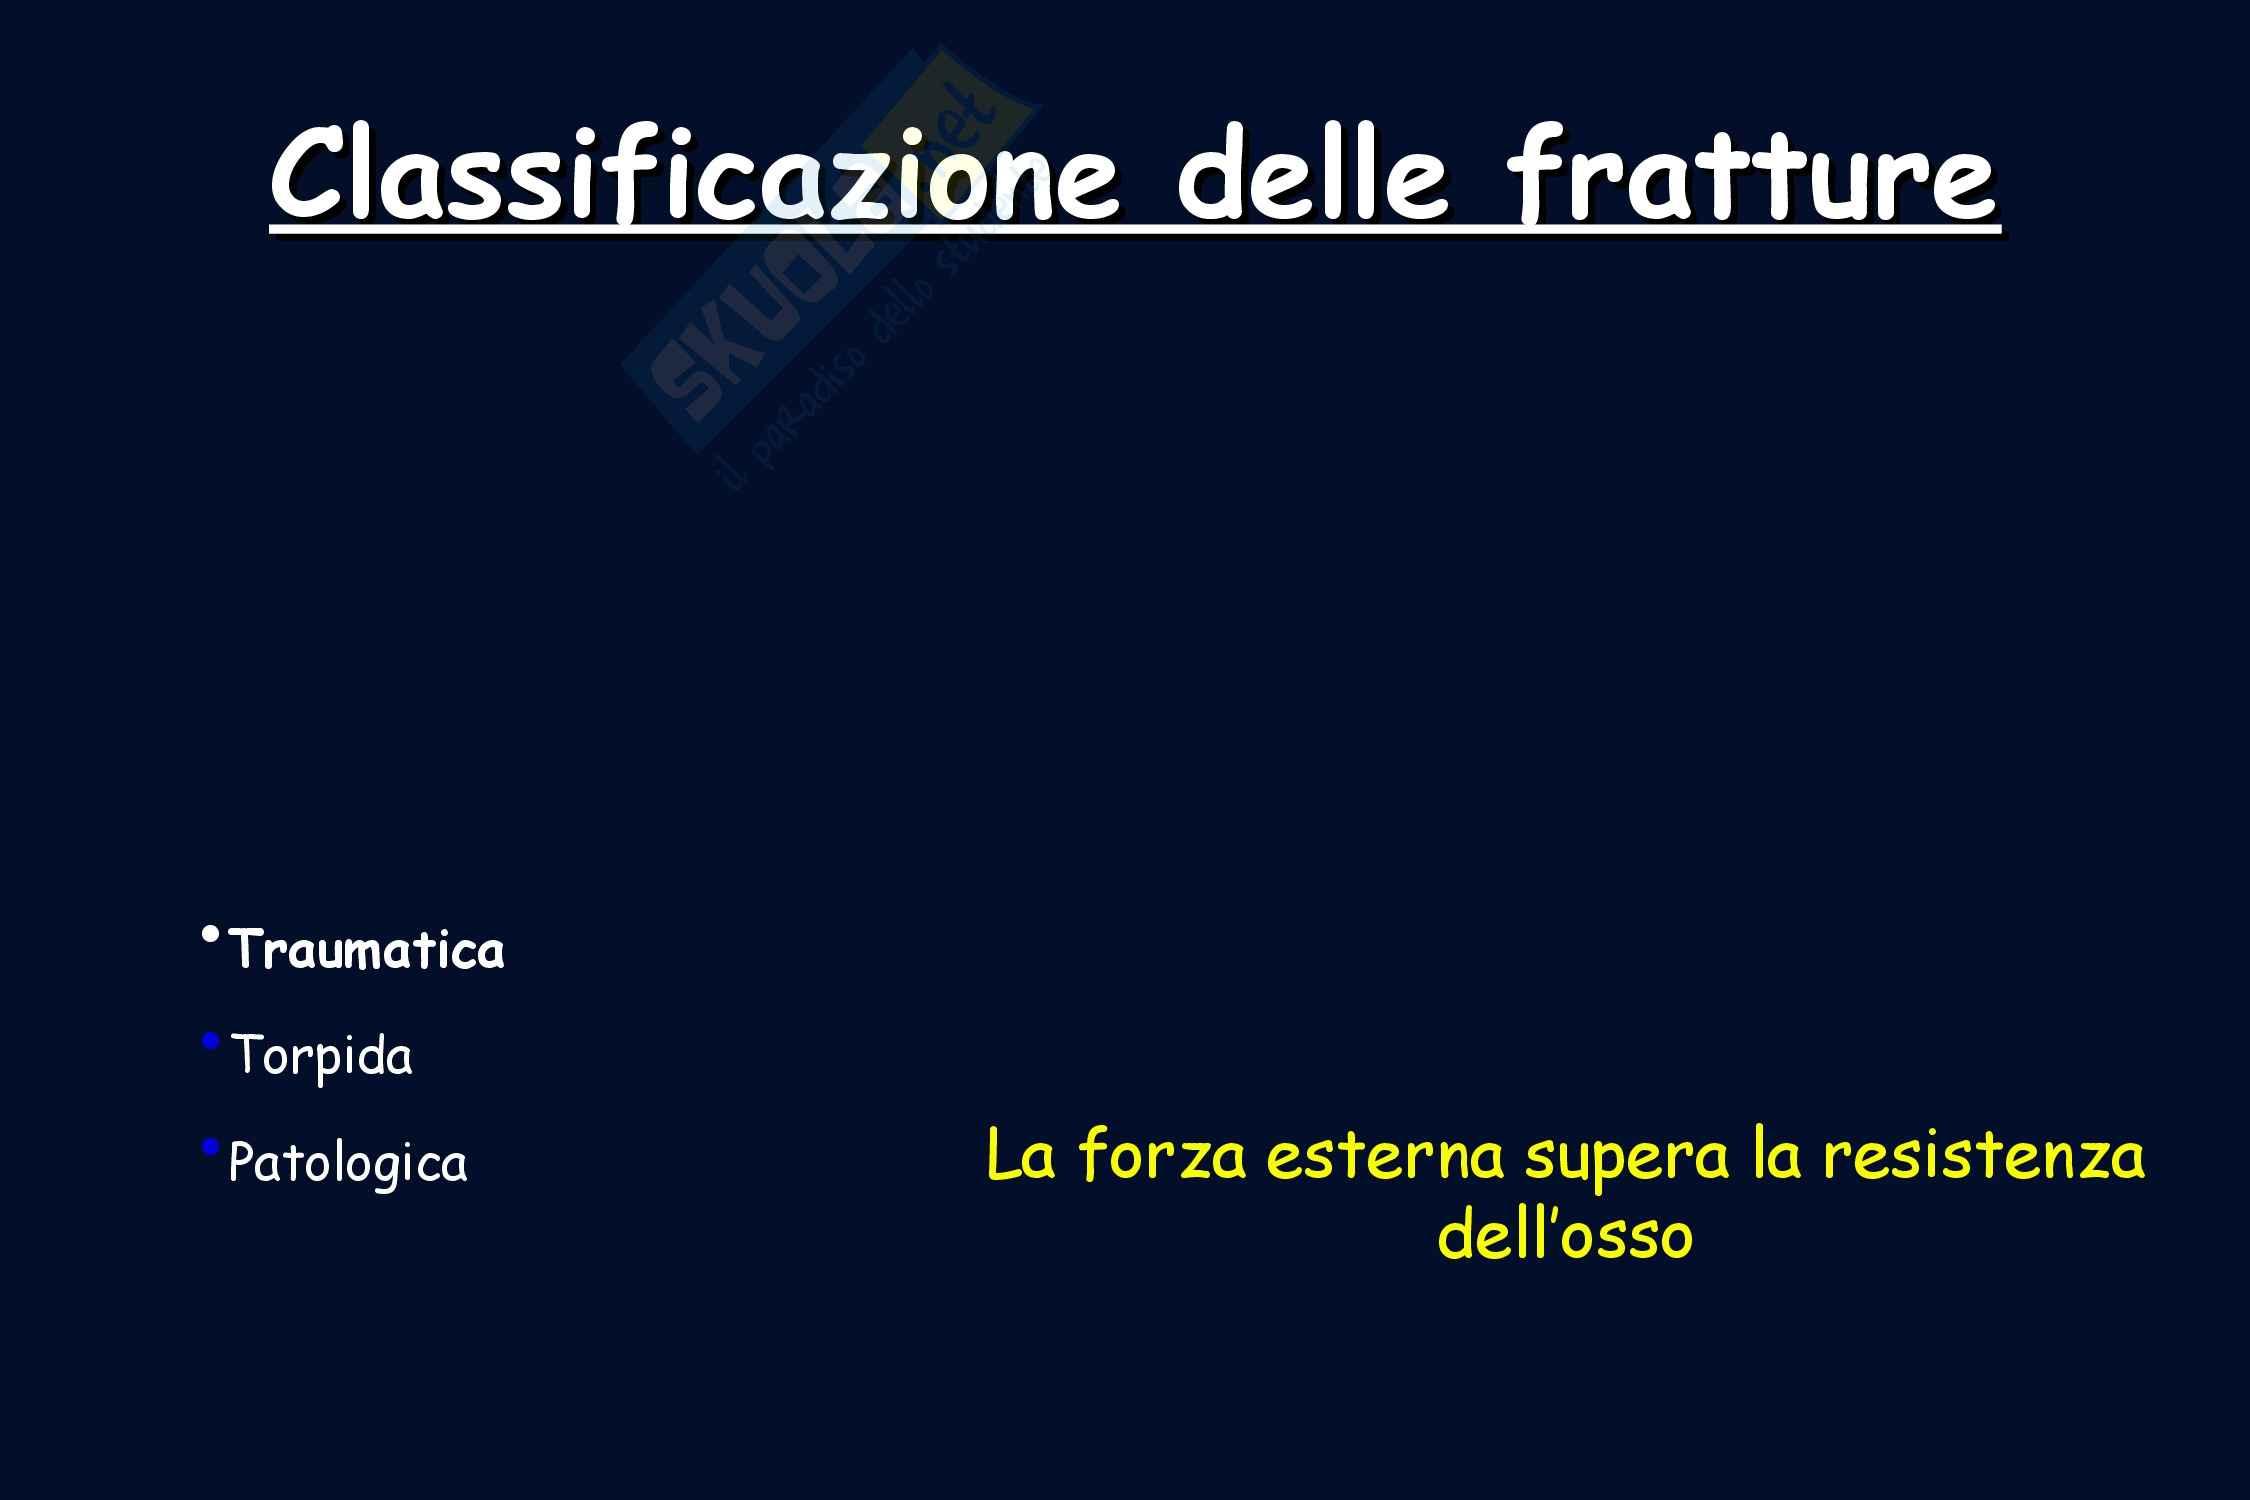 Ortopedia - Classificazione delle fratture Pag. 2